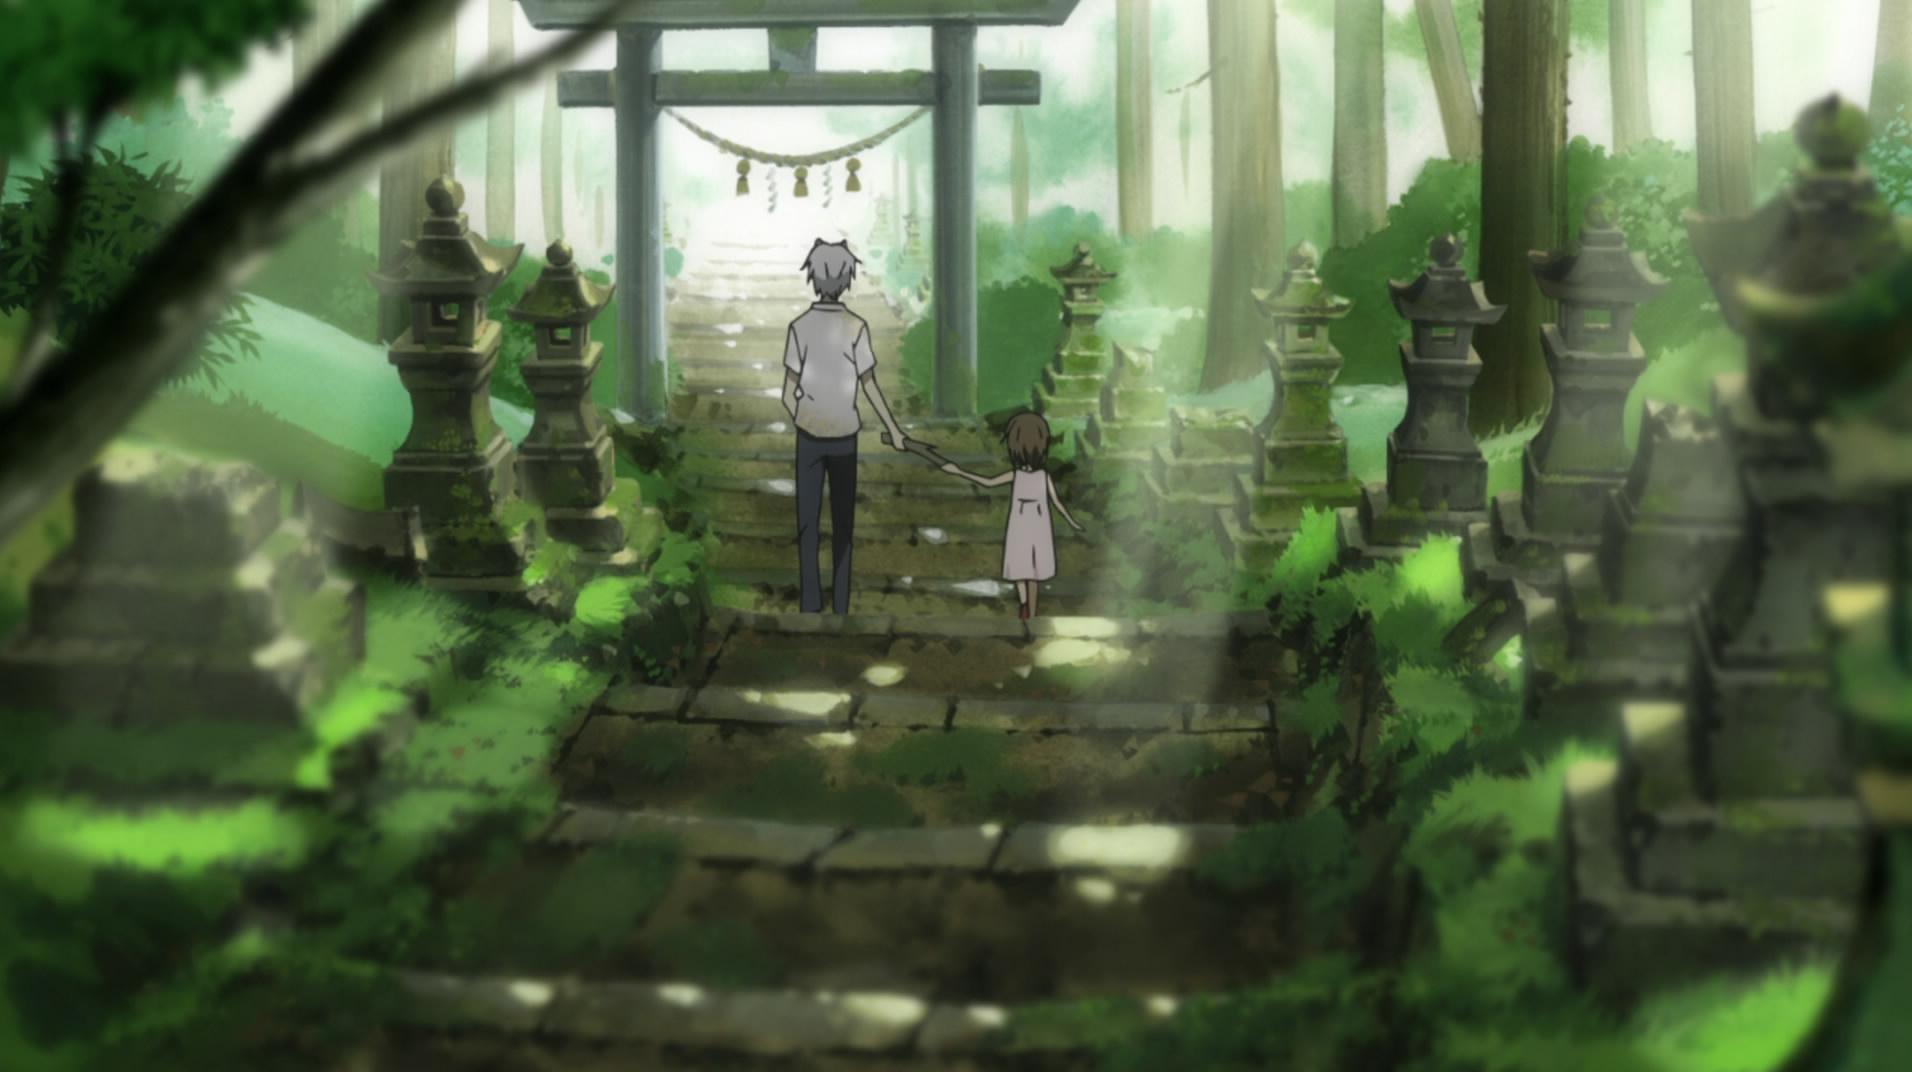 Manga inspiré par Kamishikimi shrine